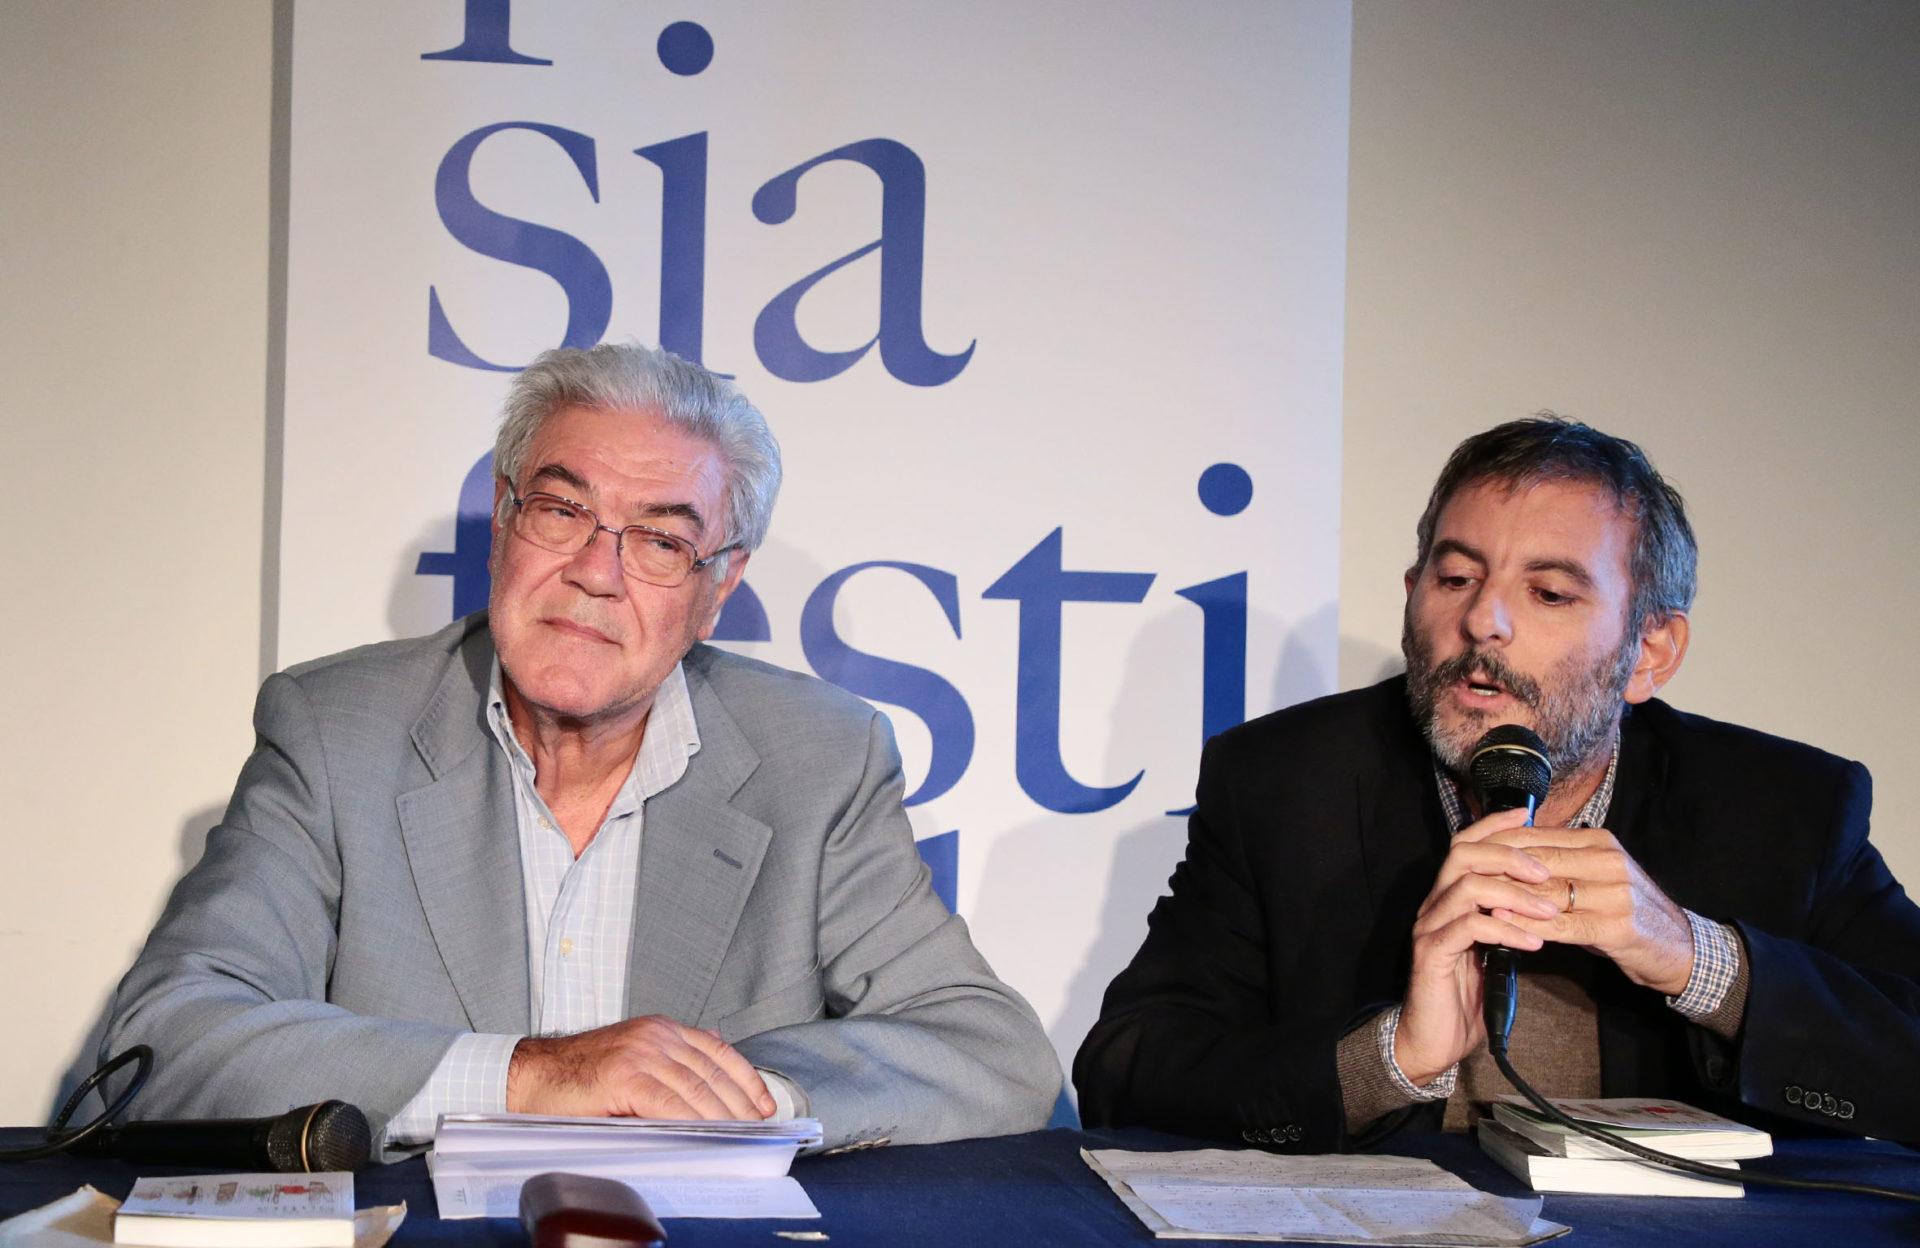 Nino De Vita e Guido Monti a Poesia Festival '17 - photo © Elisabetta Baracchi